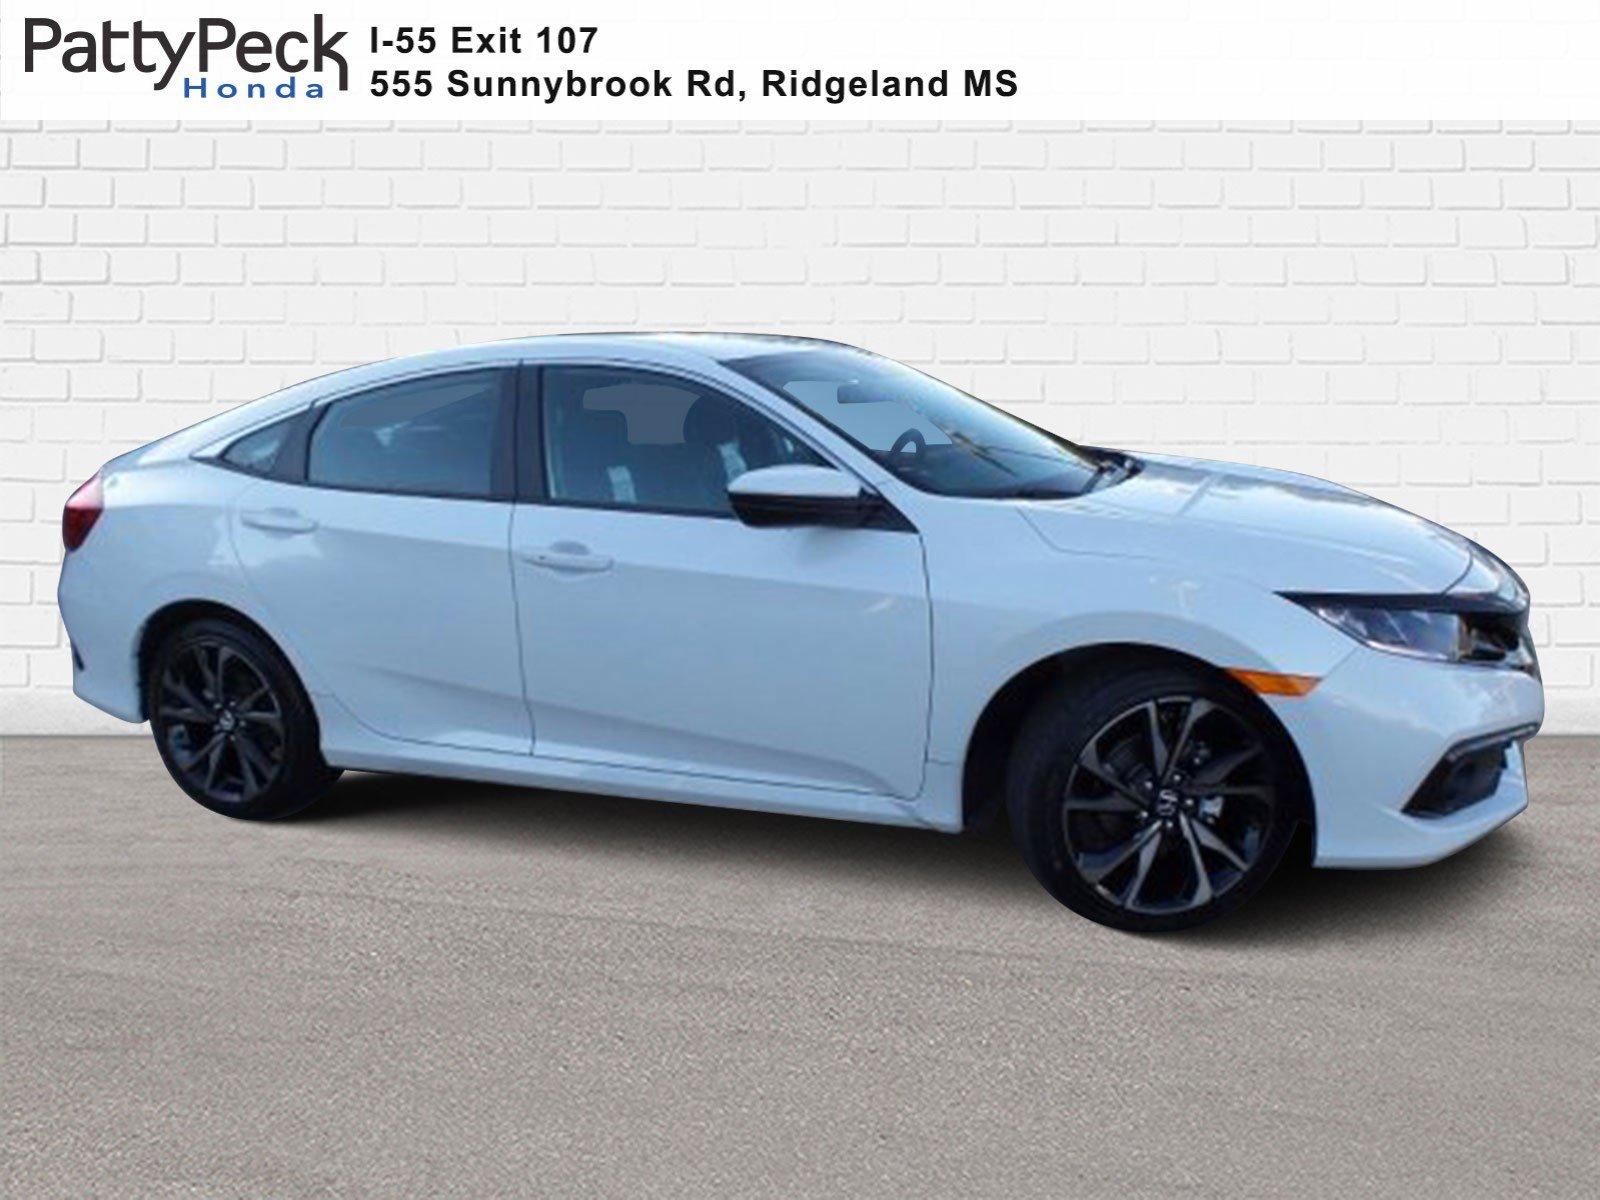 New 2020 Honda Civic Sedan Sport 4dr Car In Ridgeland Le026008 Patty Peck Honda